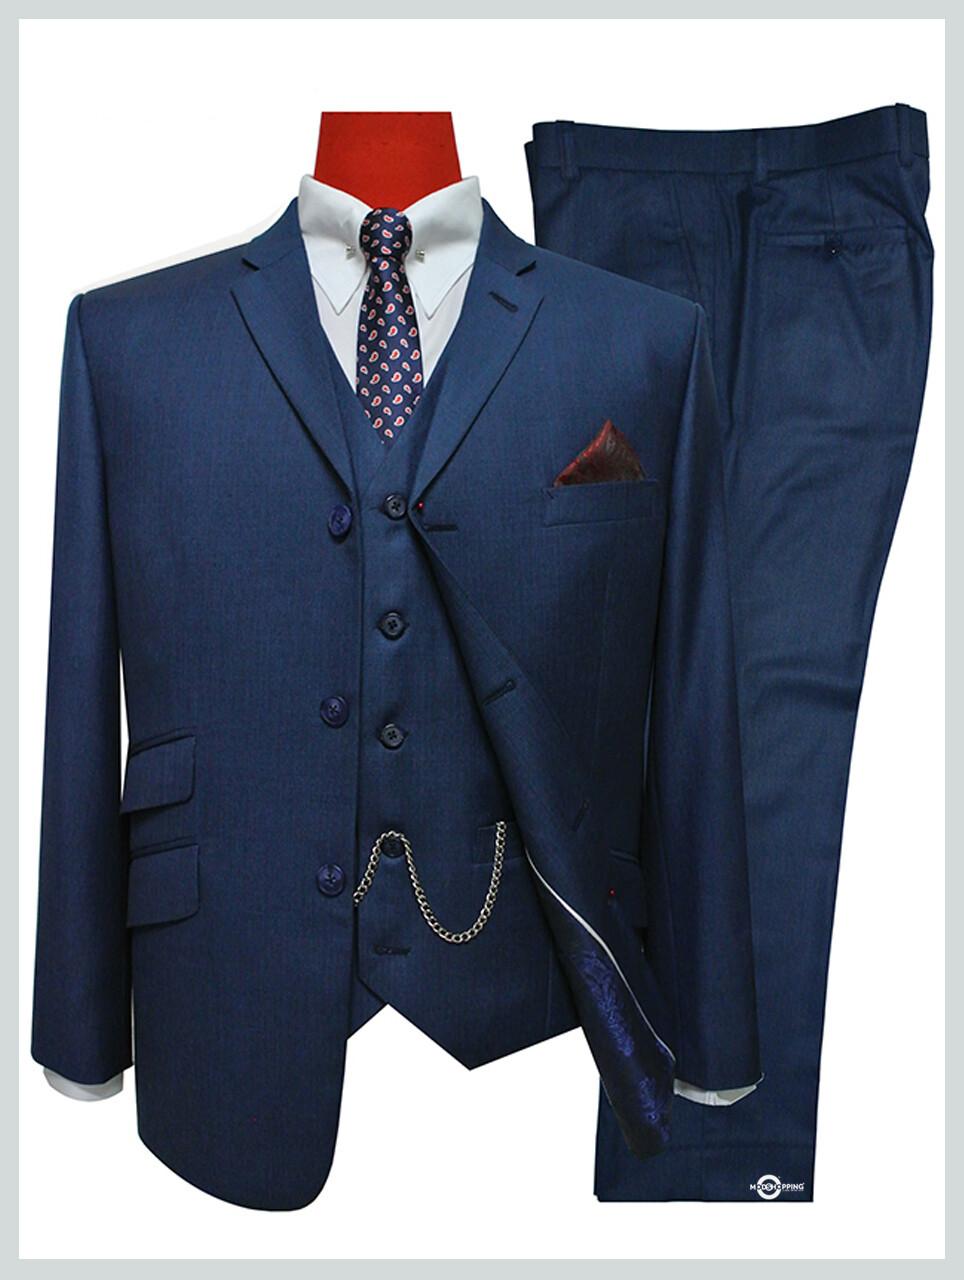 mens 3 piece suit|vintage style tailored uk pete blue mod 3 button suit 60s